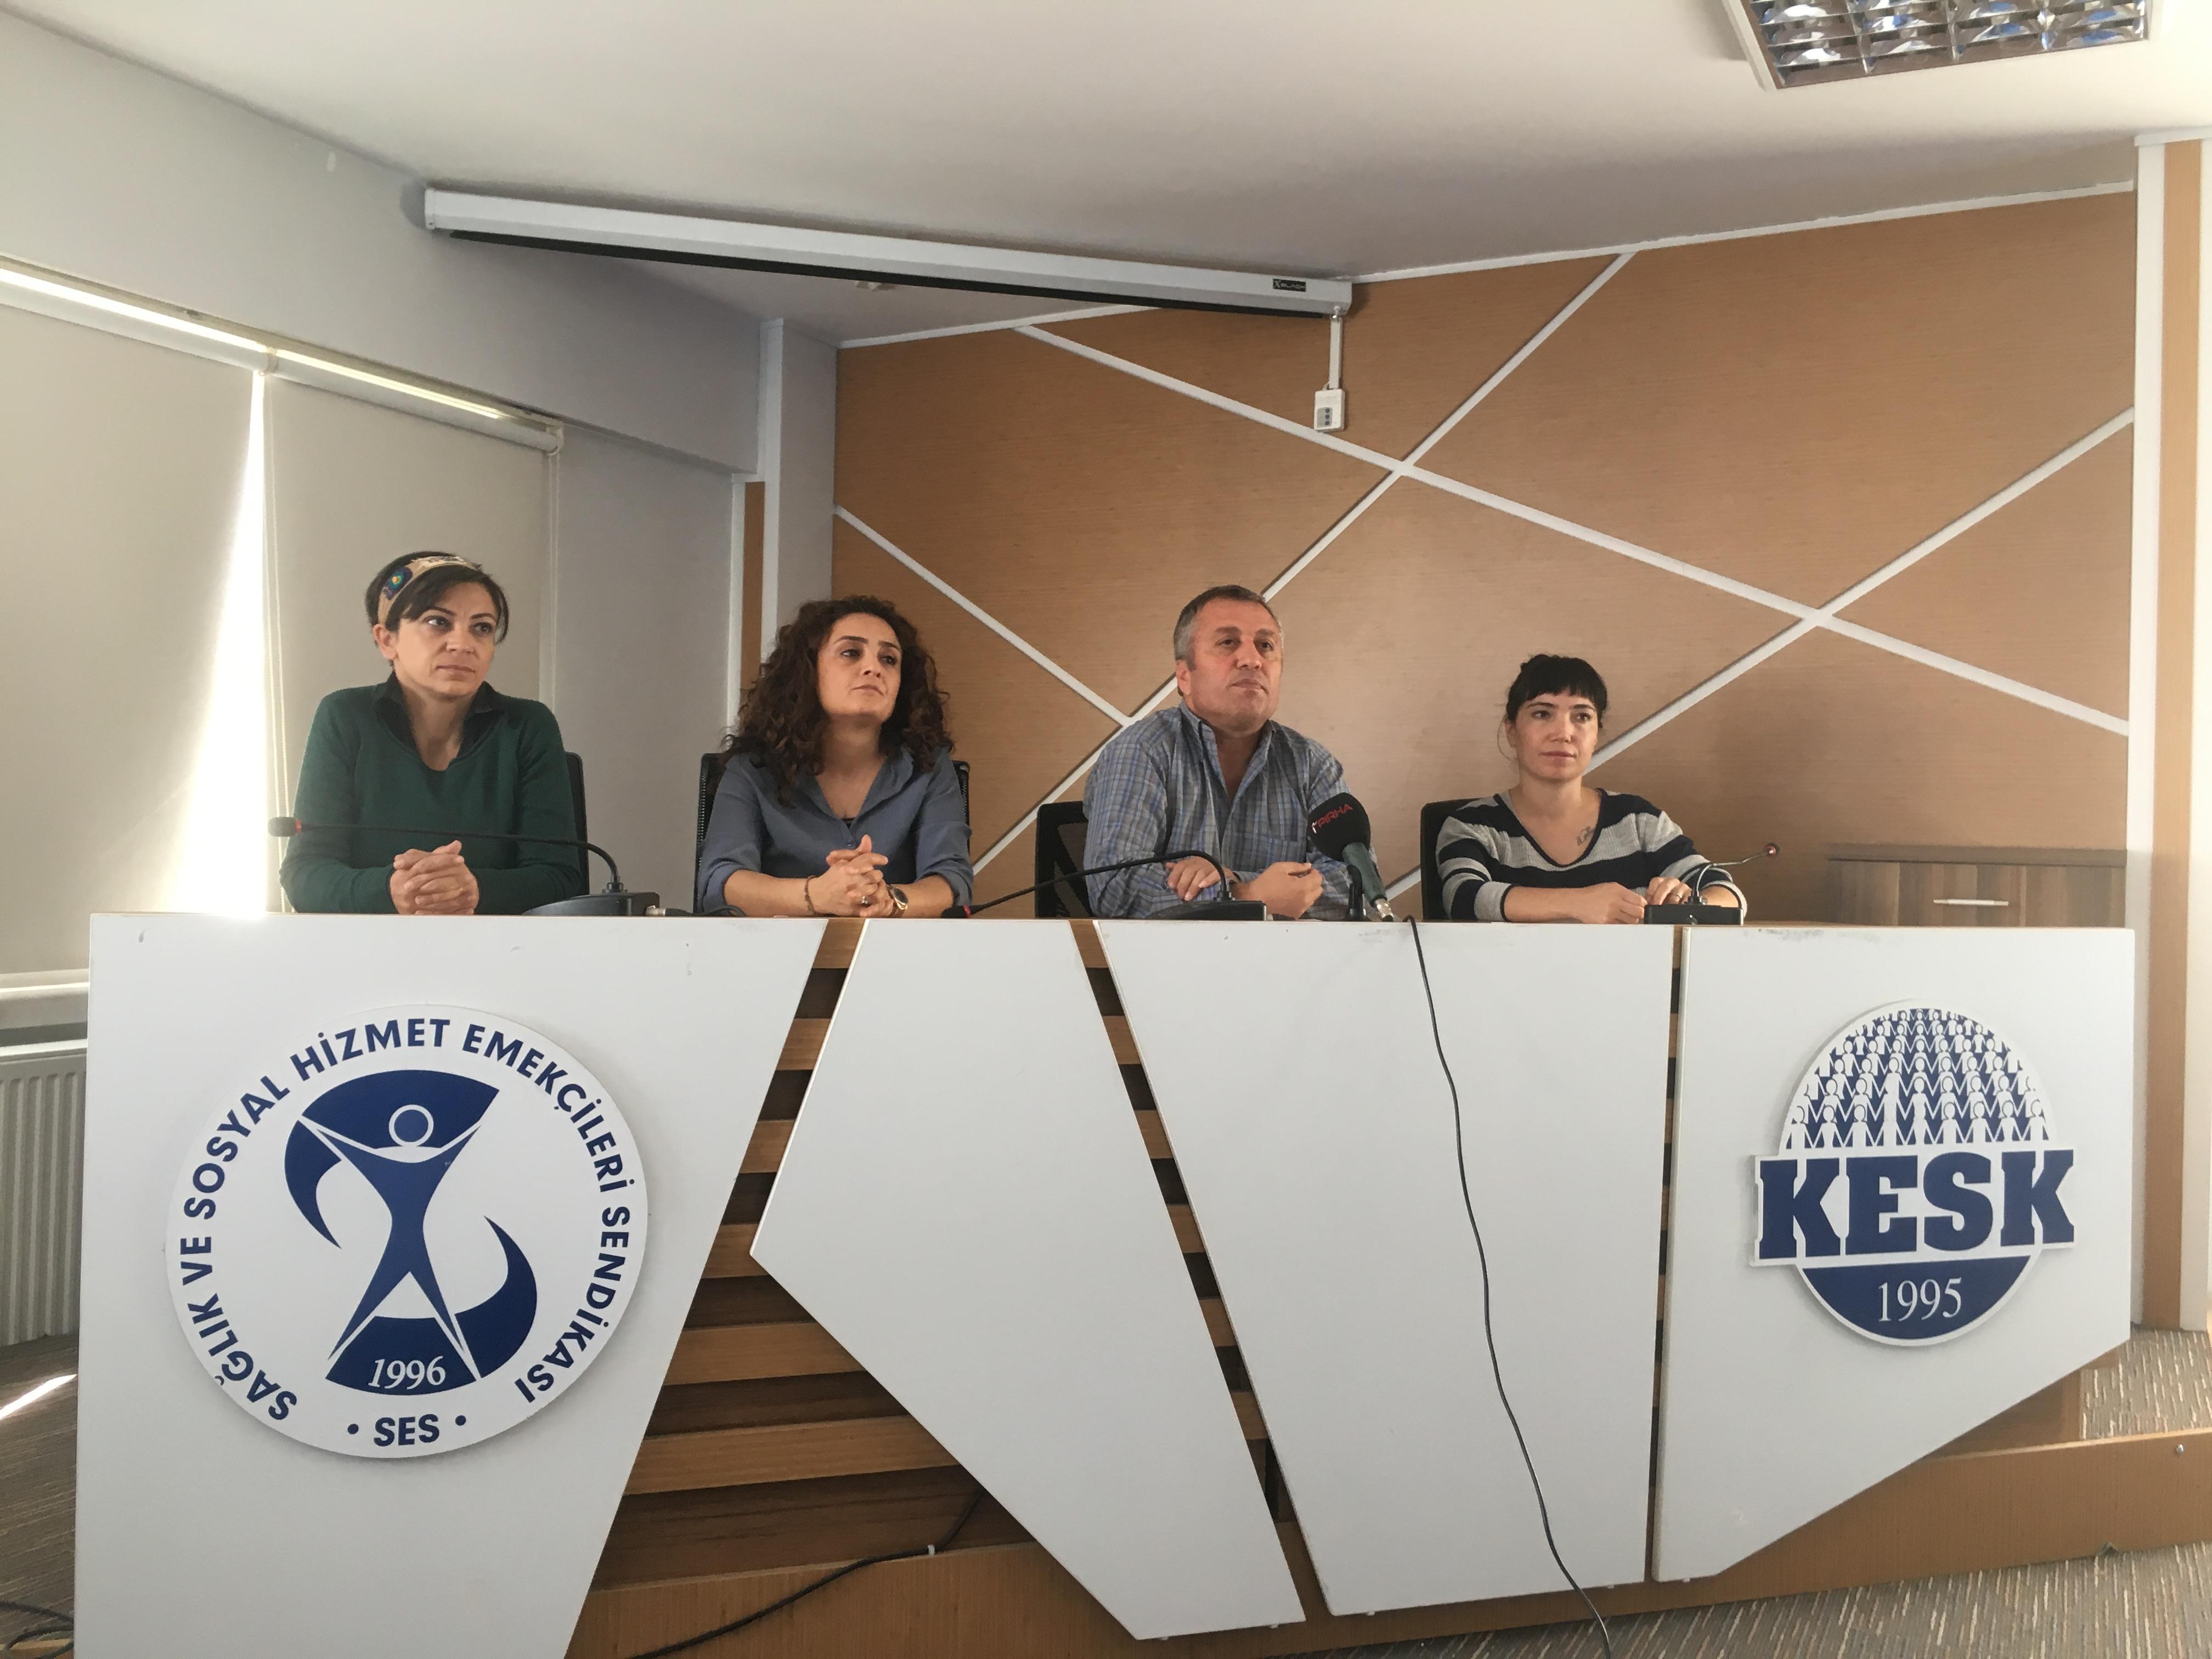 AKP, Şirketleri Kurtarmayı İnsan Hayatını Kurtarmaya Tercih Ediyor! Krizin Faturasının Sağlık ve Sosyal Hizmetler Alanına Ödetilmesini Kabul Etmiyoruz